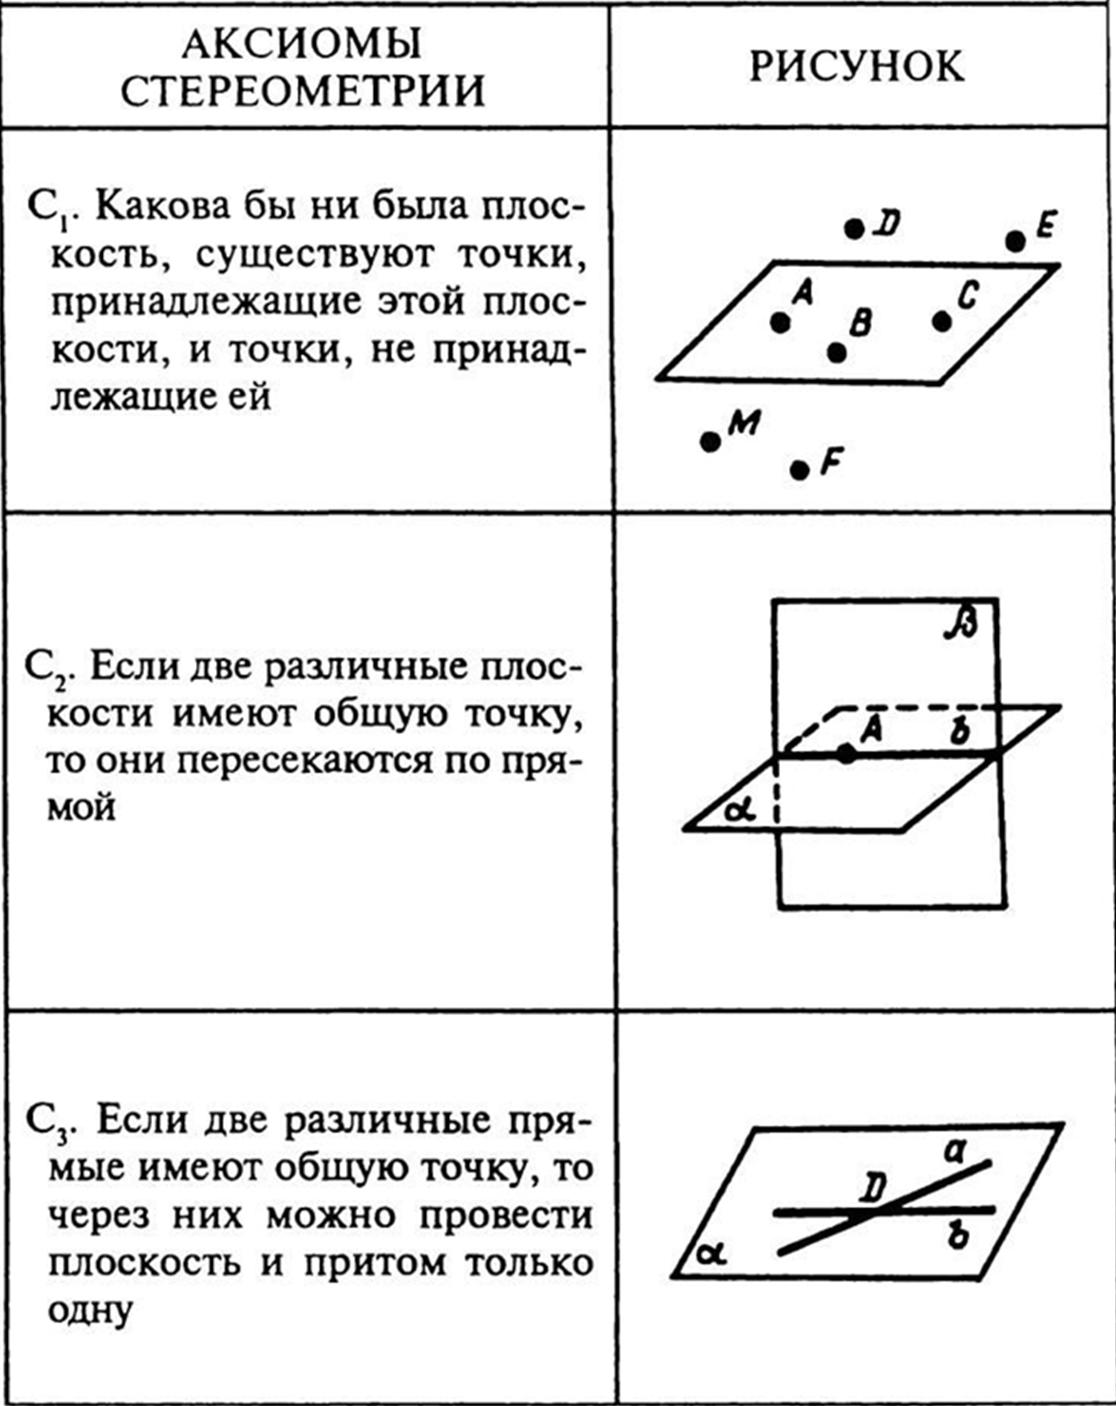 Зачет по геометрии 10 класс аксиомы